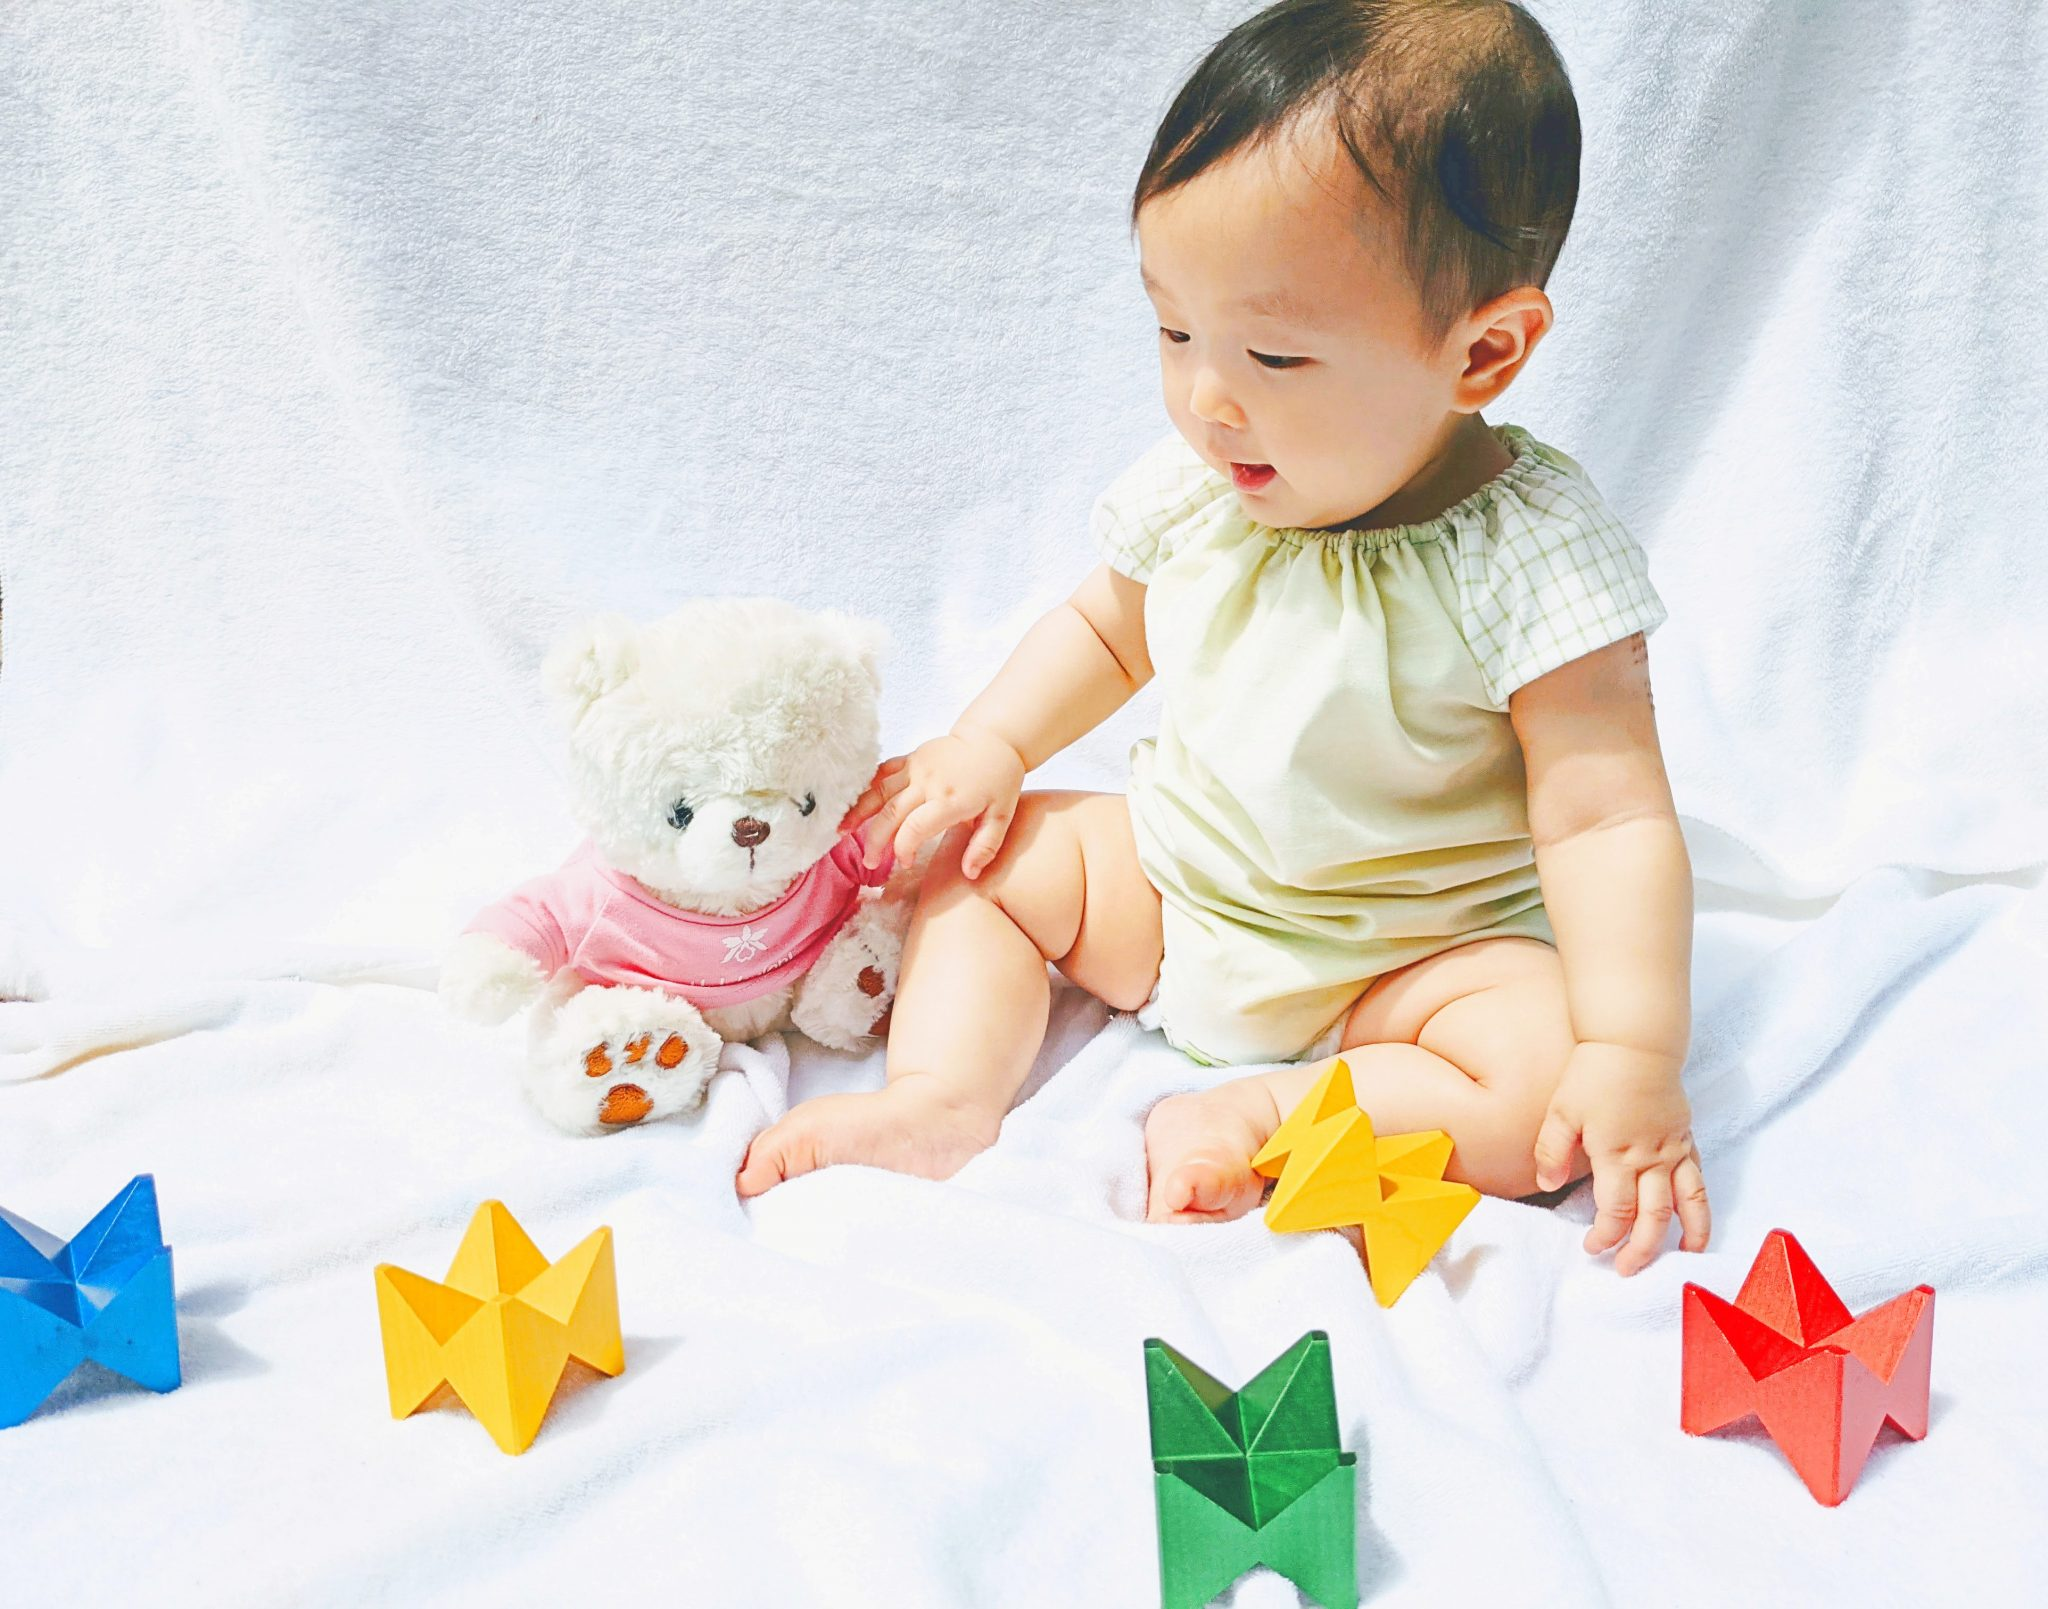 【型紙不要】1着550円で完成!初心者でも作れる赤ちゃんロンパースの作り方 ベビー服作り方